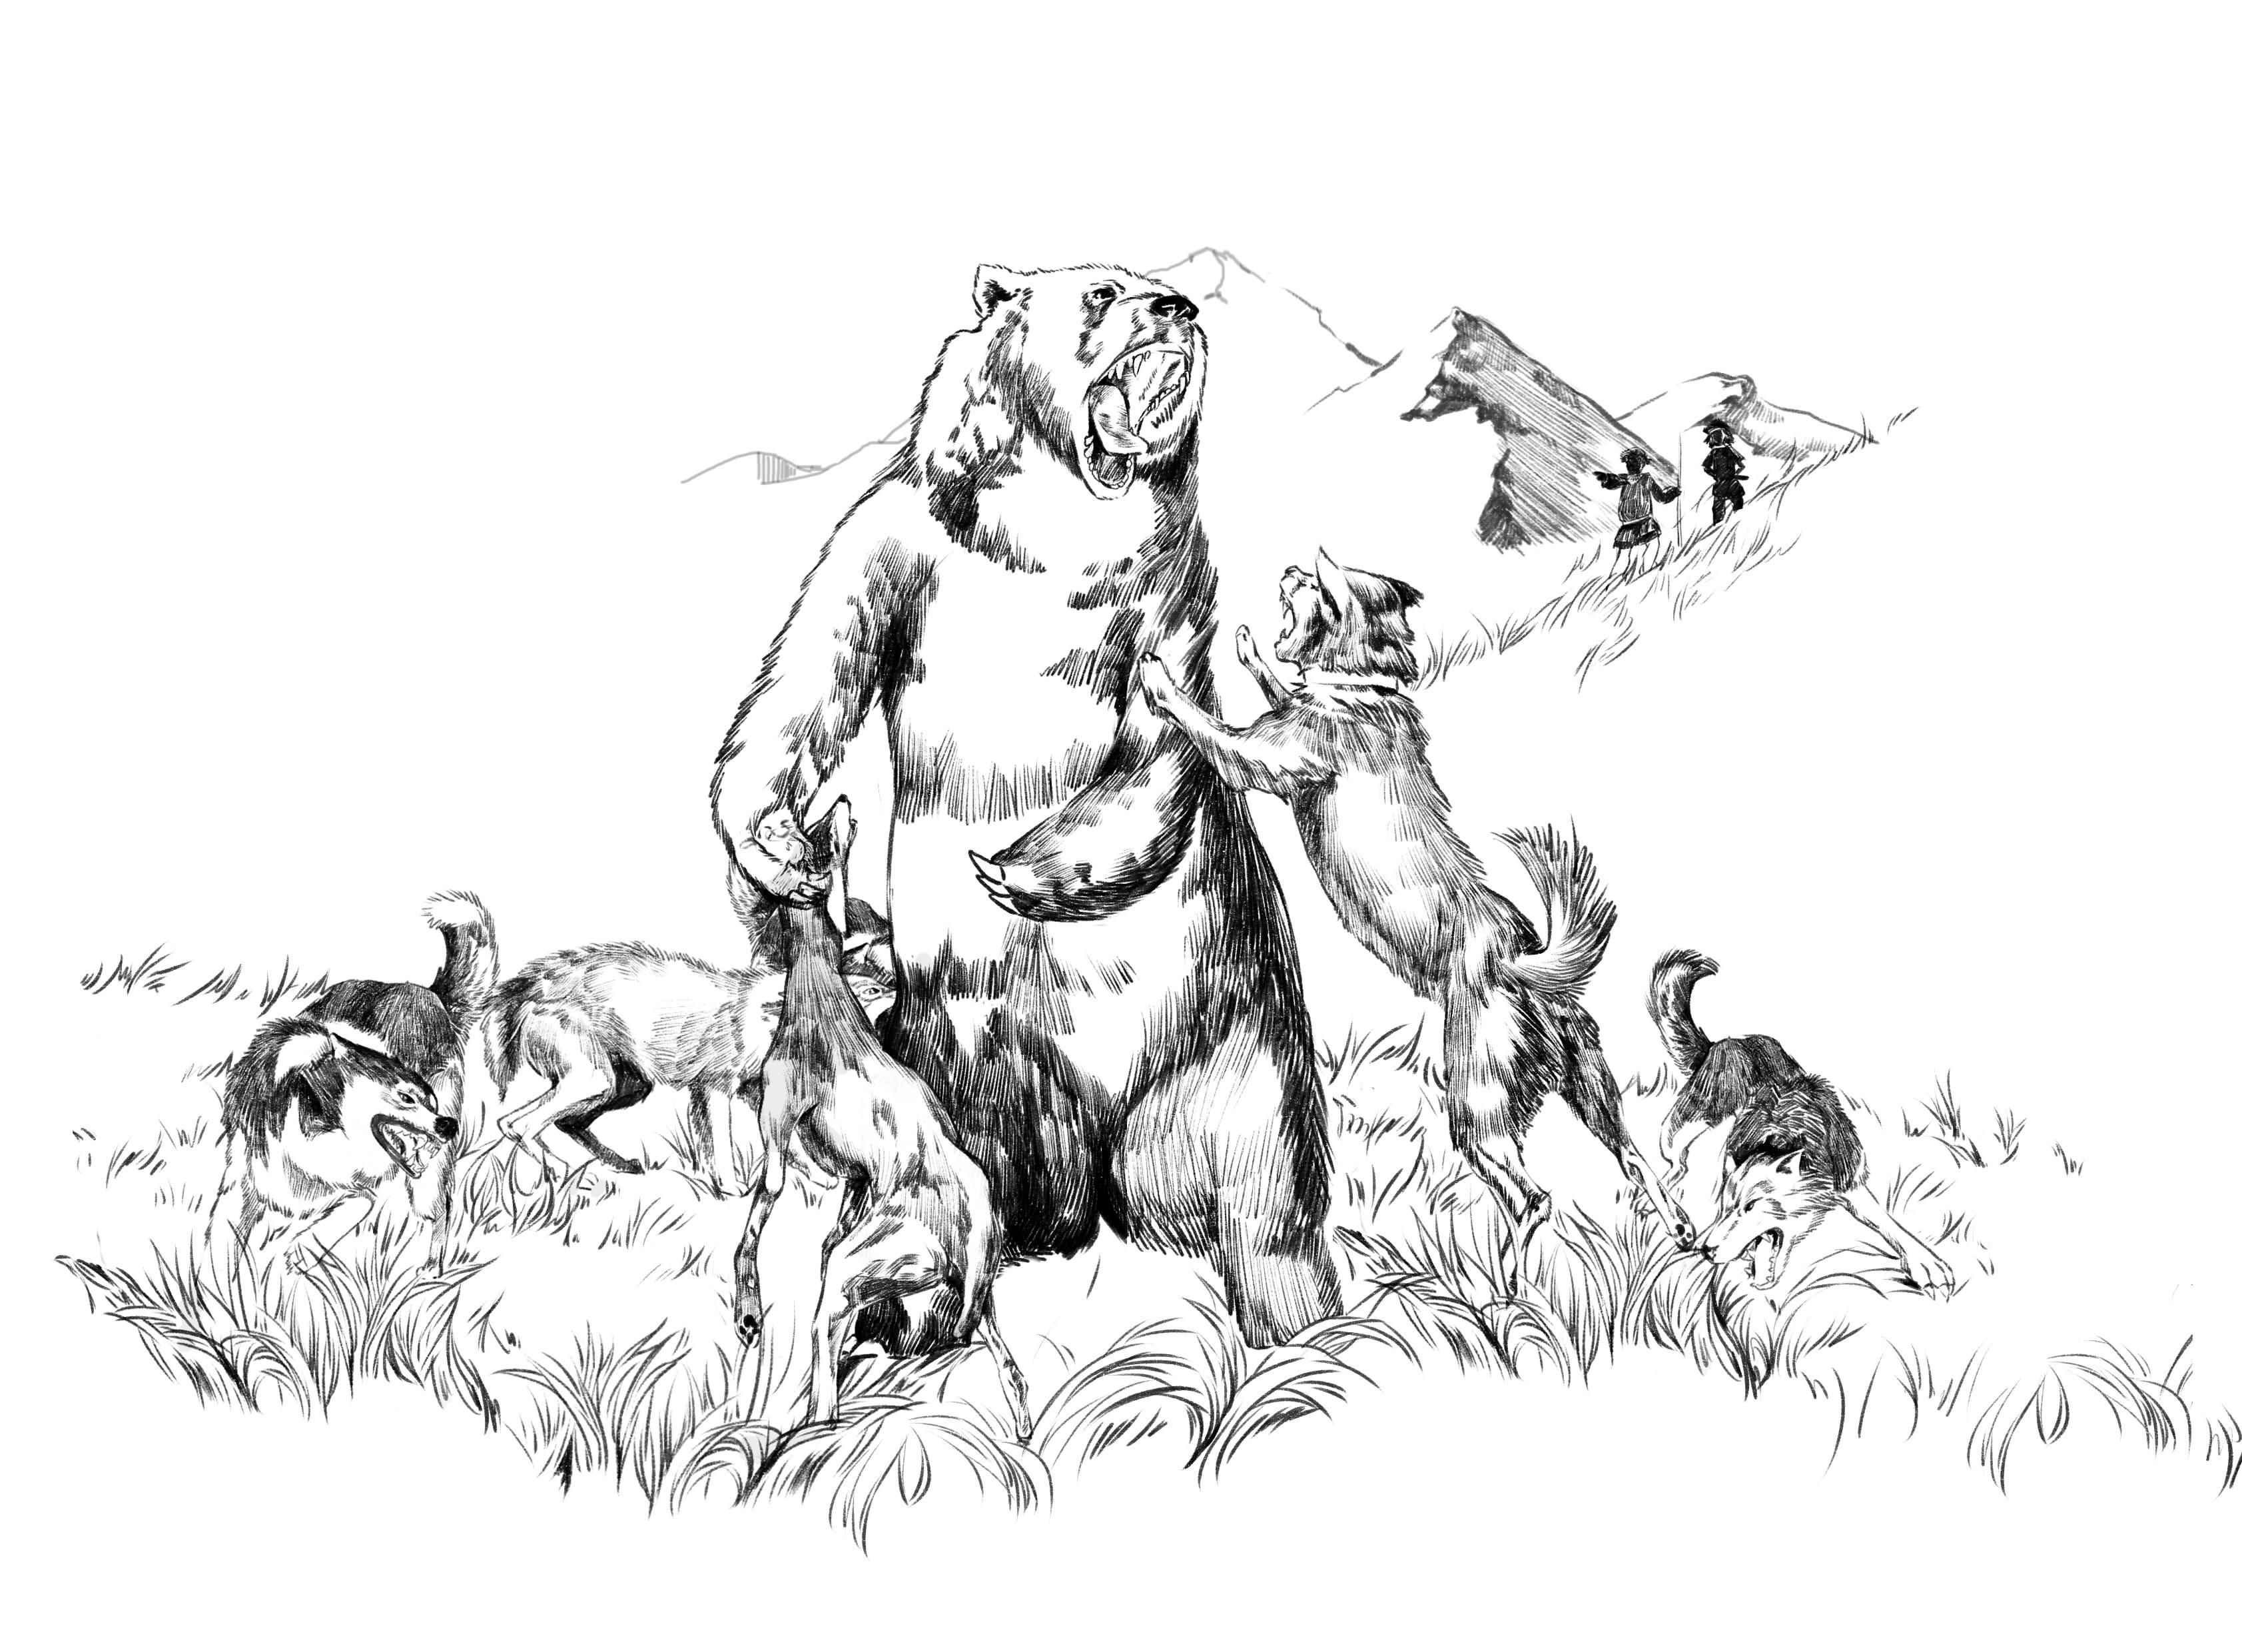 手绘风格动物插画